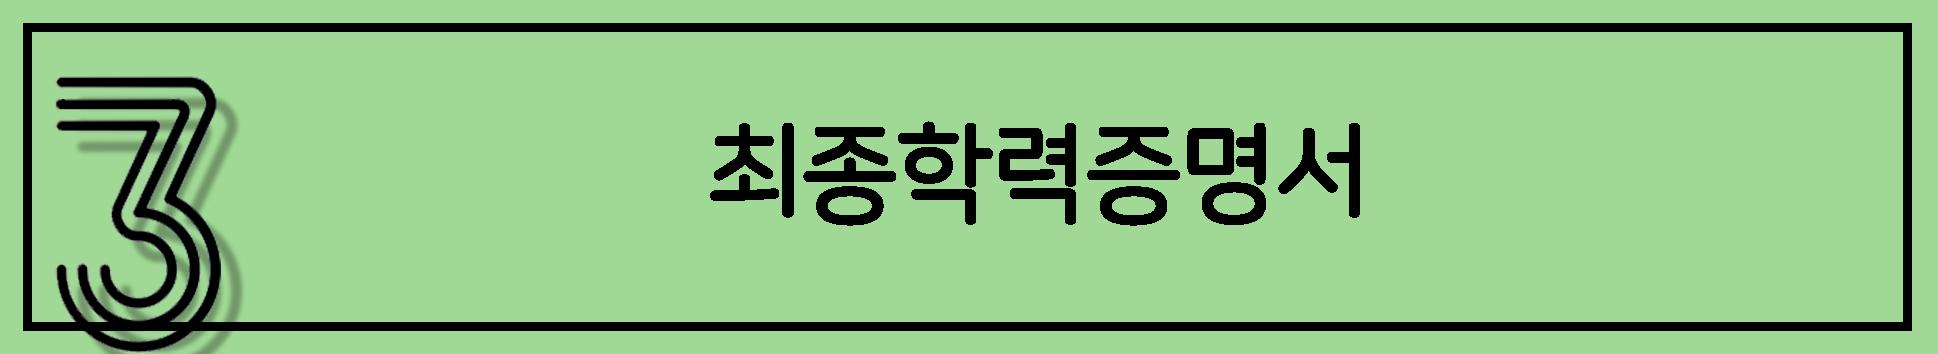 3최종학력증명서.jpg